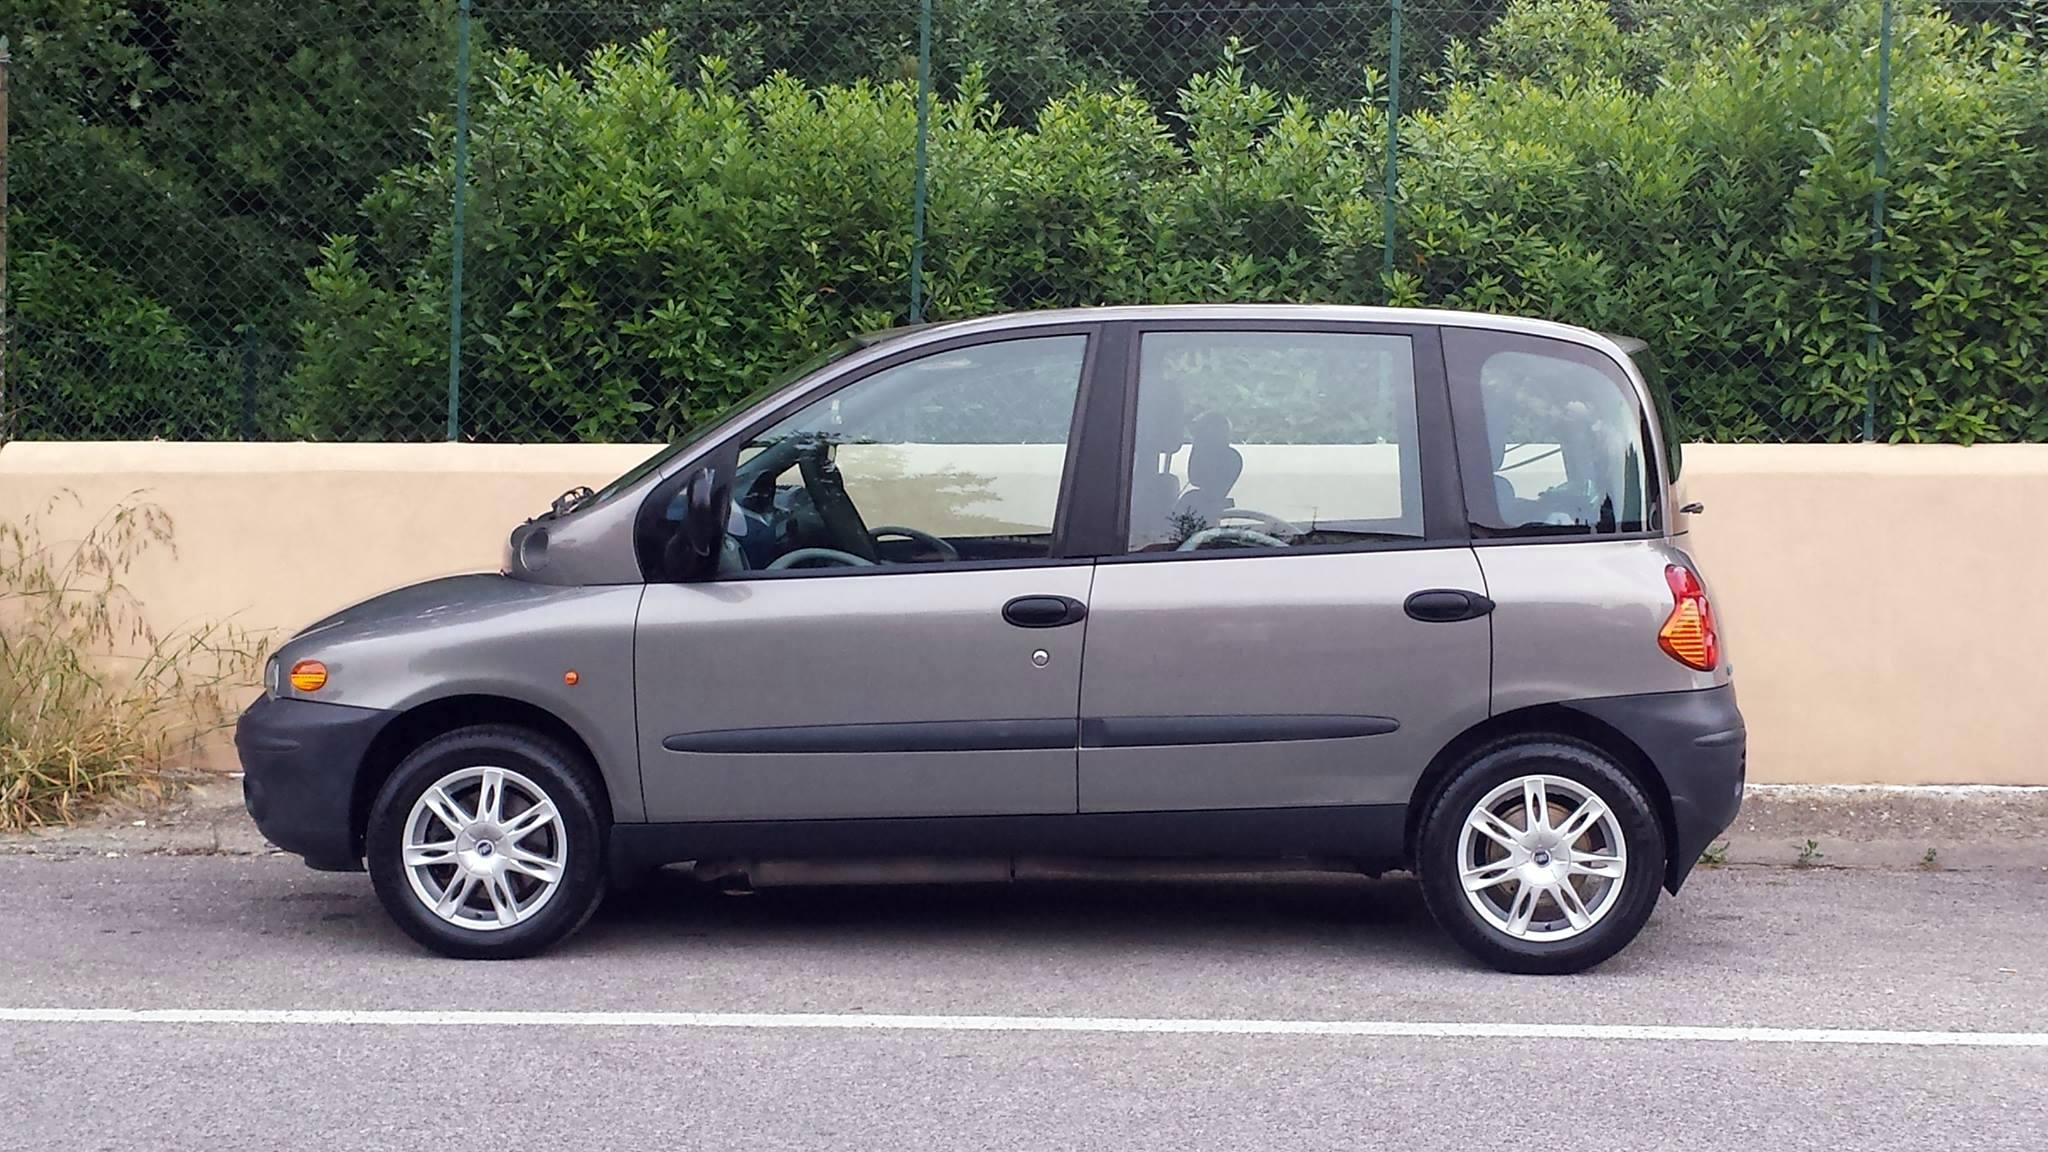 2001 Fiat Multipla Bi Power, il ritorno! 10376627_10203411291235723_262577808_o